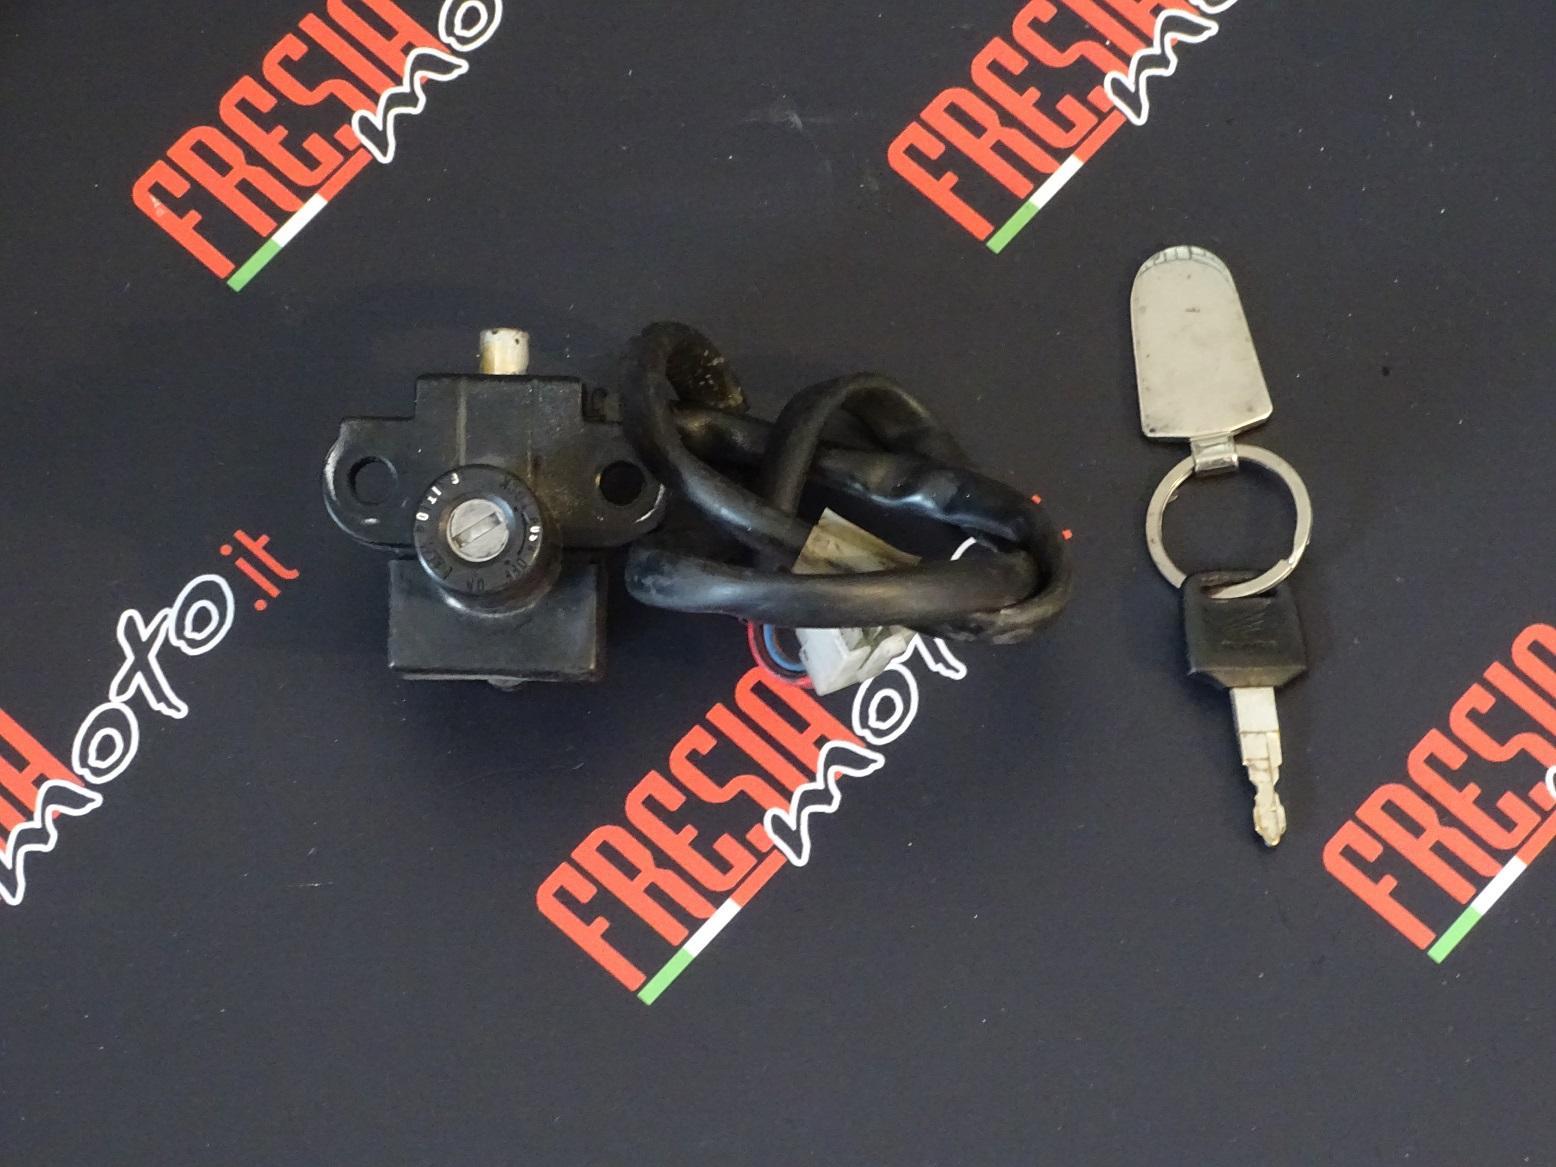 NOTTOLINO AVVIAMENTO USATO HONDA CBR 600 F ANNO 1994